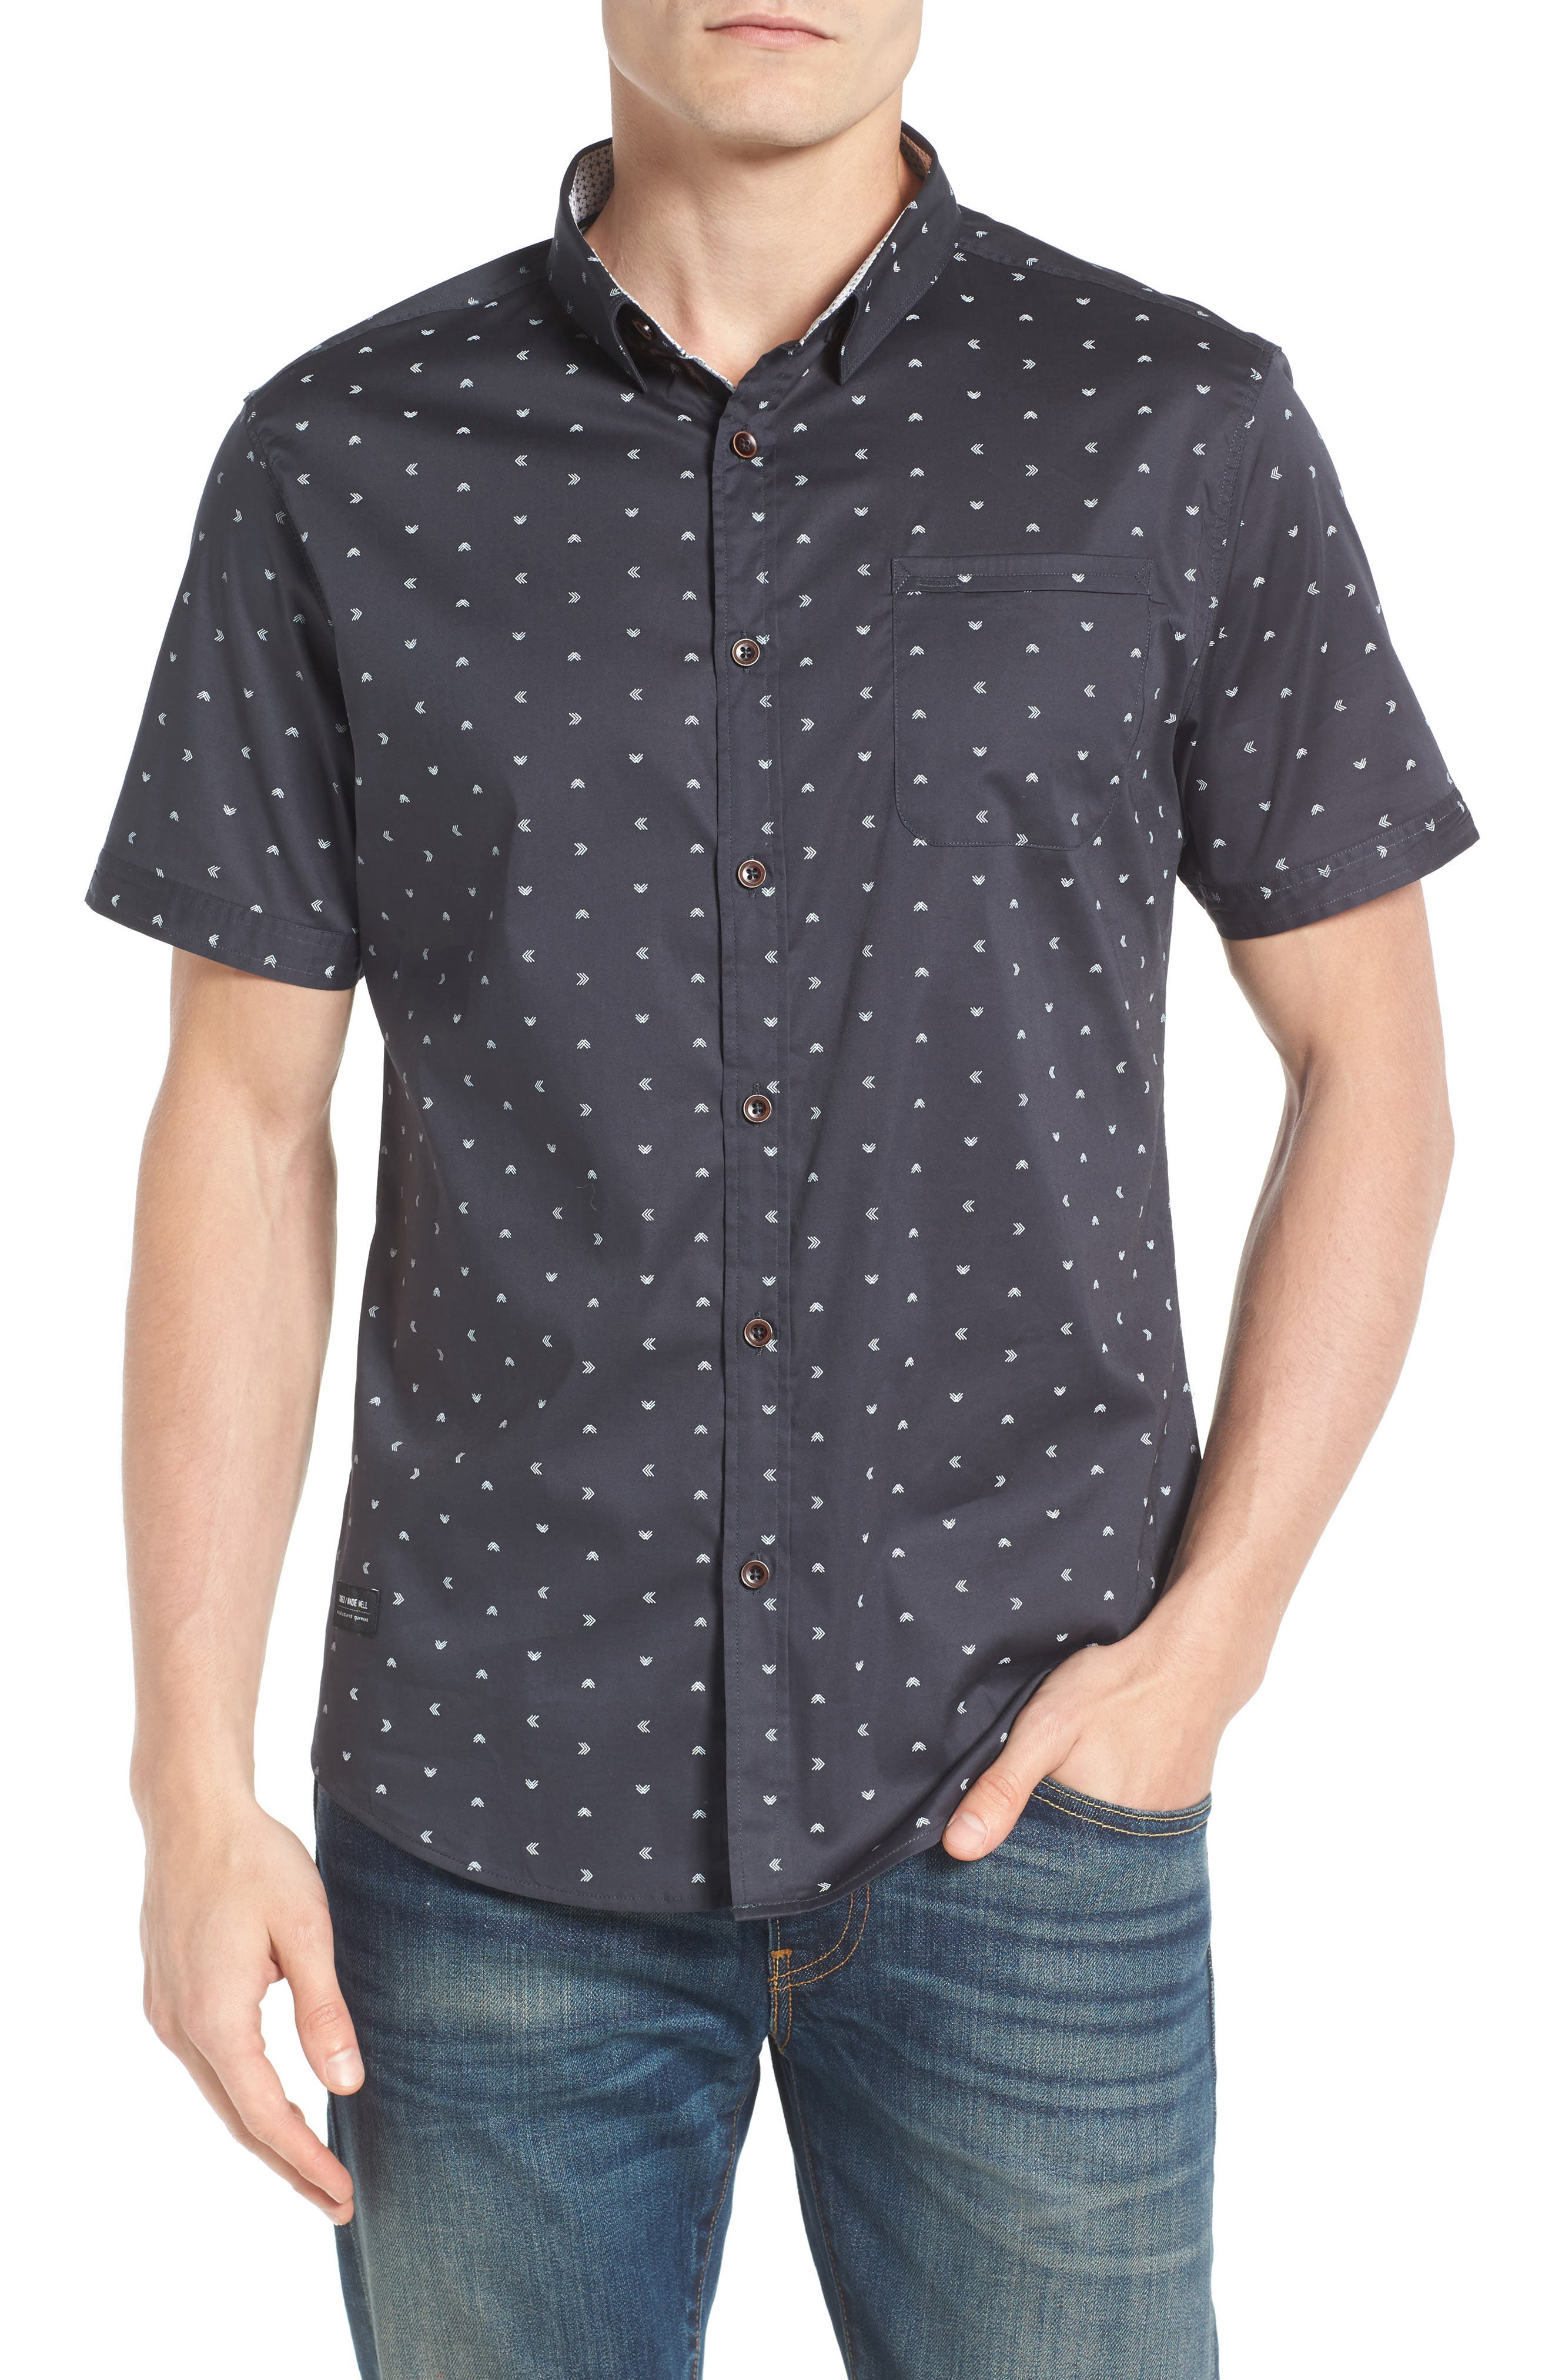 Rising Water Print Woven Shirt,                         Main,                         color, Charcoal